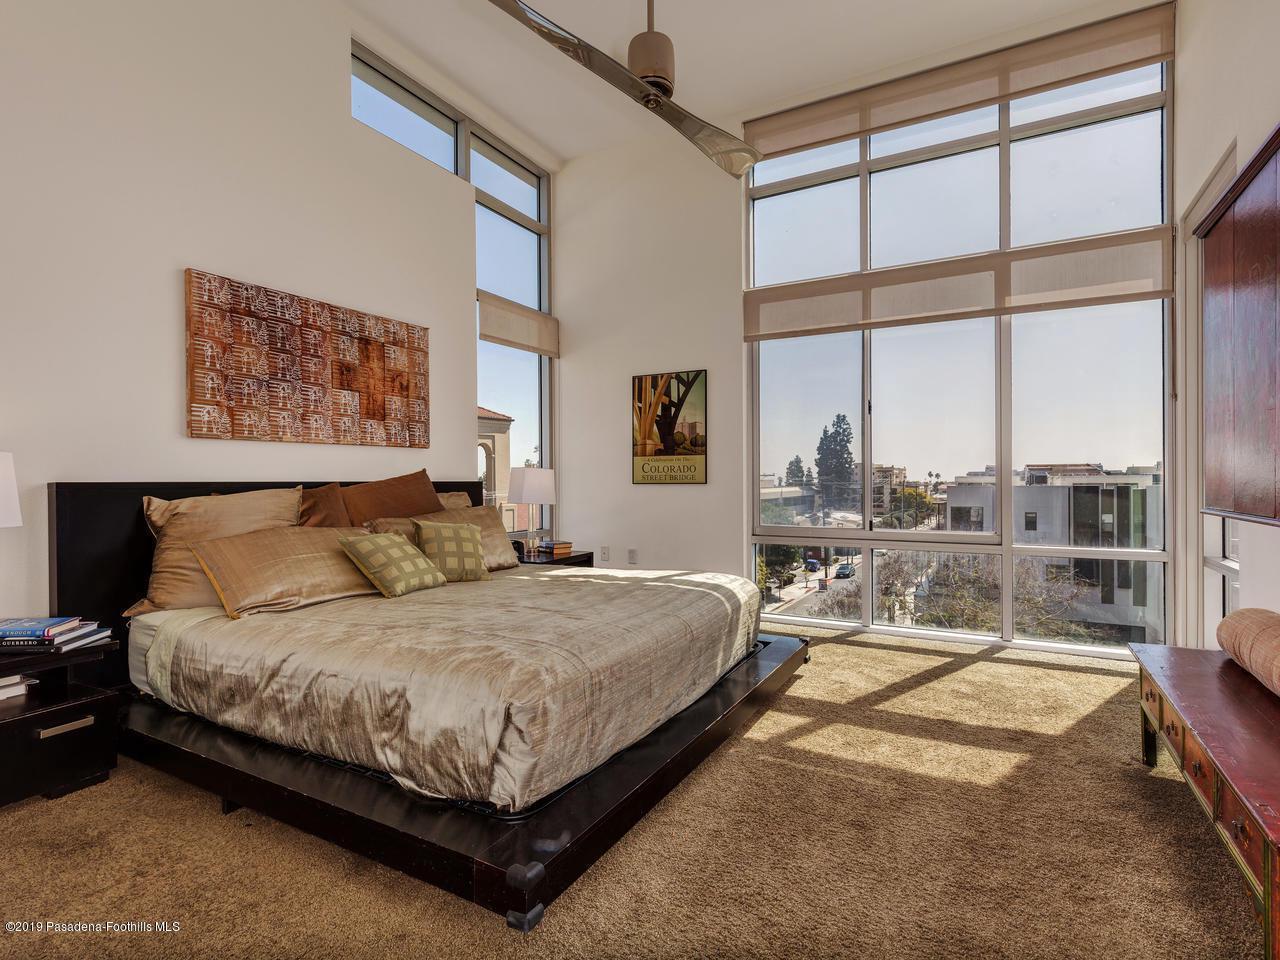 111 DE LACEY, Pasadena, CA 91105 - Master Bedroom